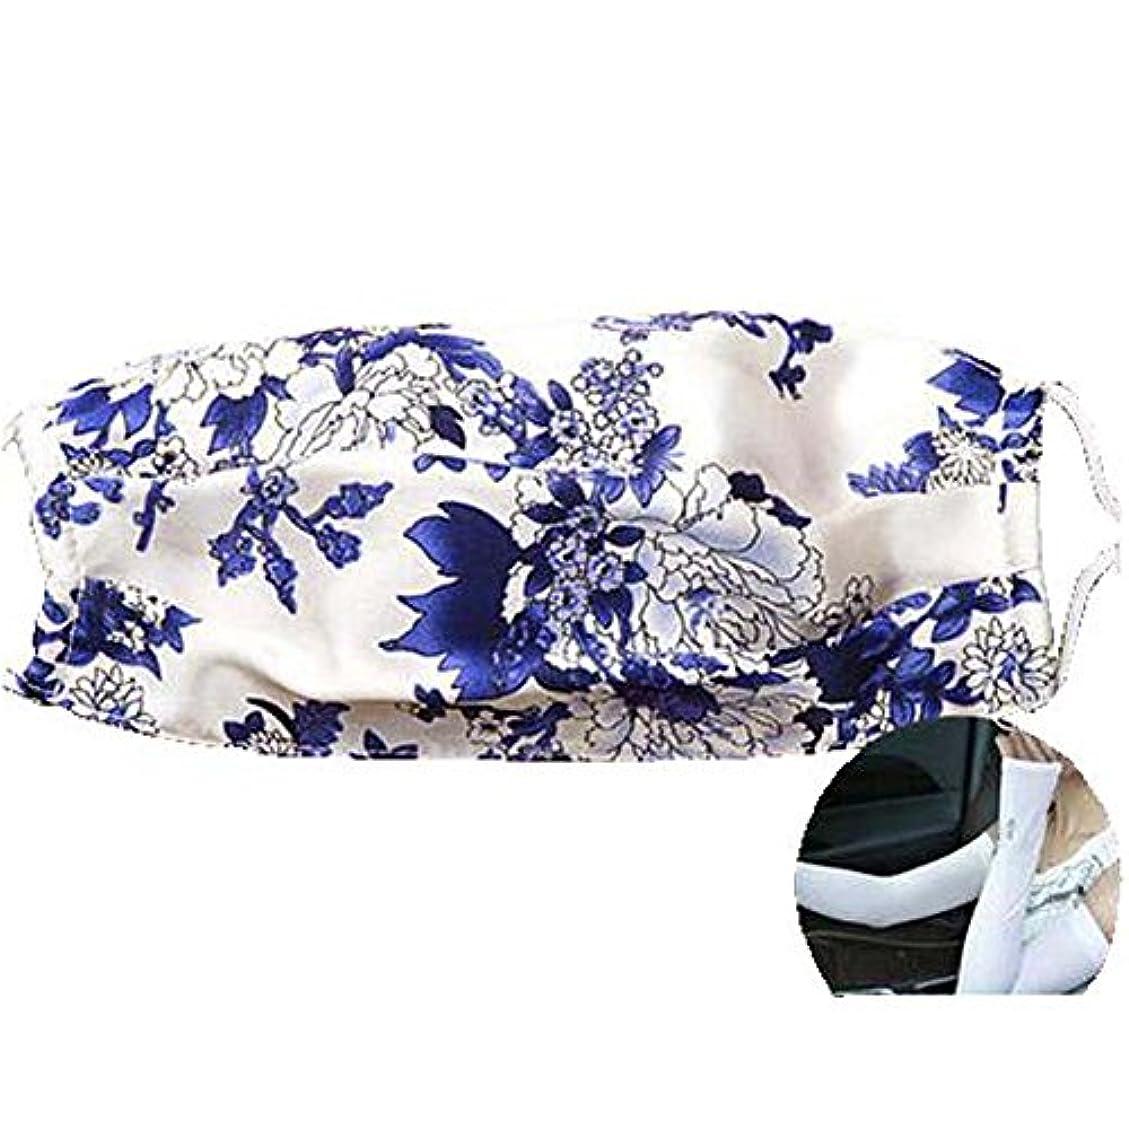 濃度スプレータウポ湖再使用可能な洗えるシルクダストマスク、流行マスク、シルクアームスリーブ